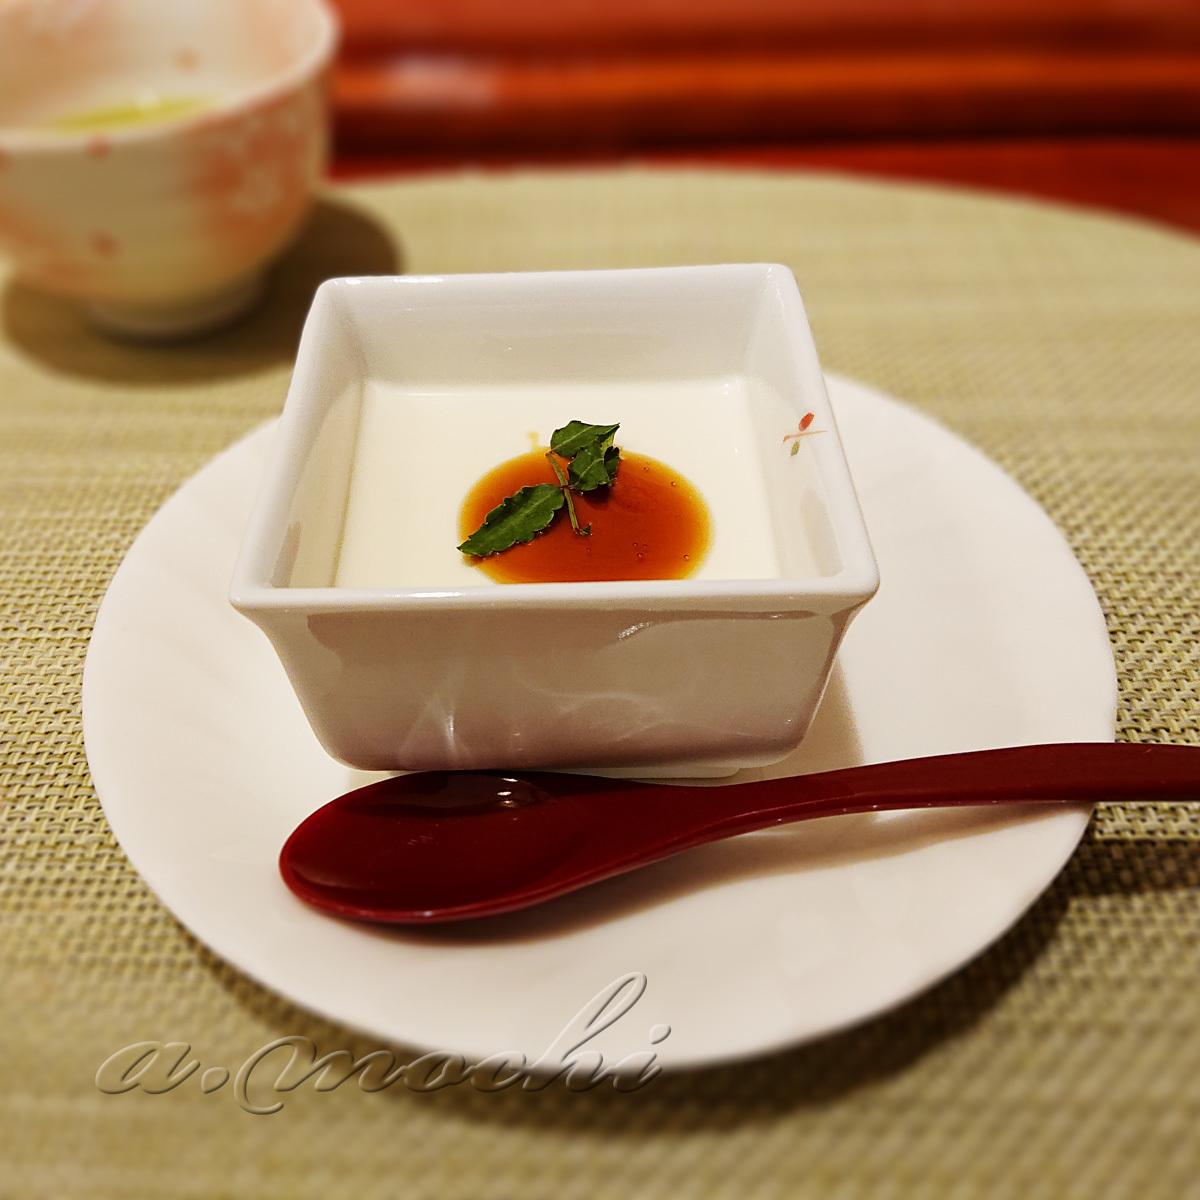 ryogarden_dessert.jpg